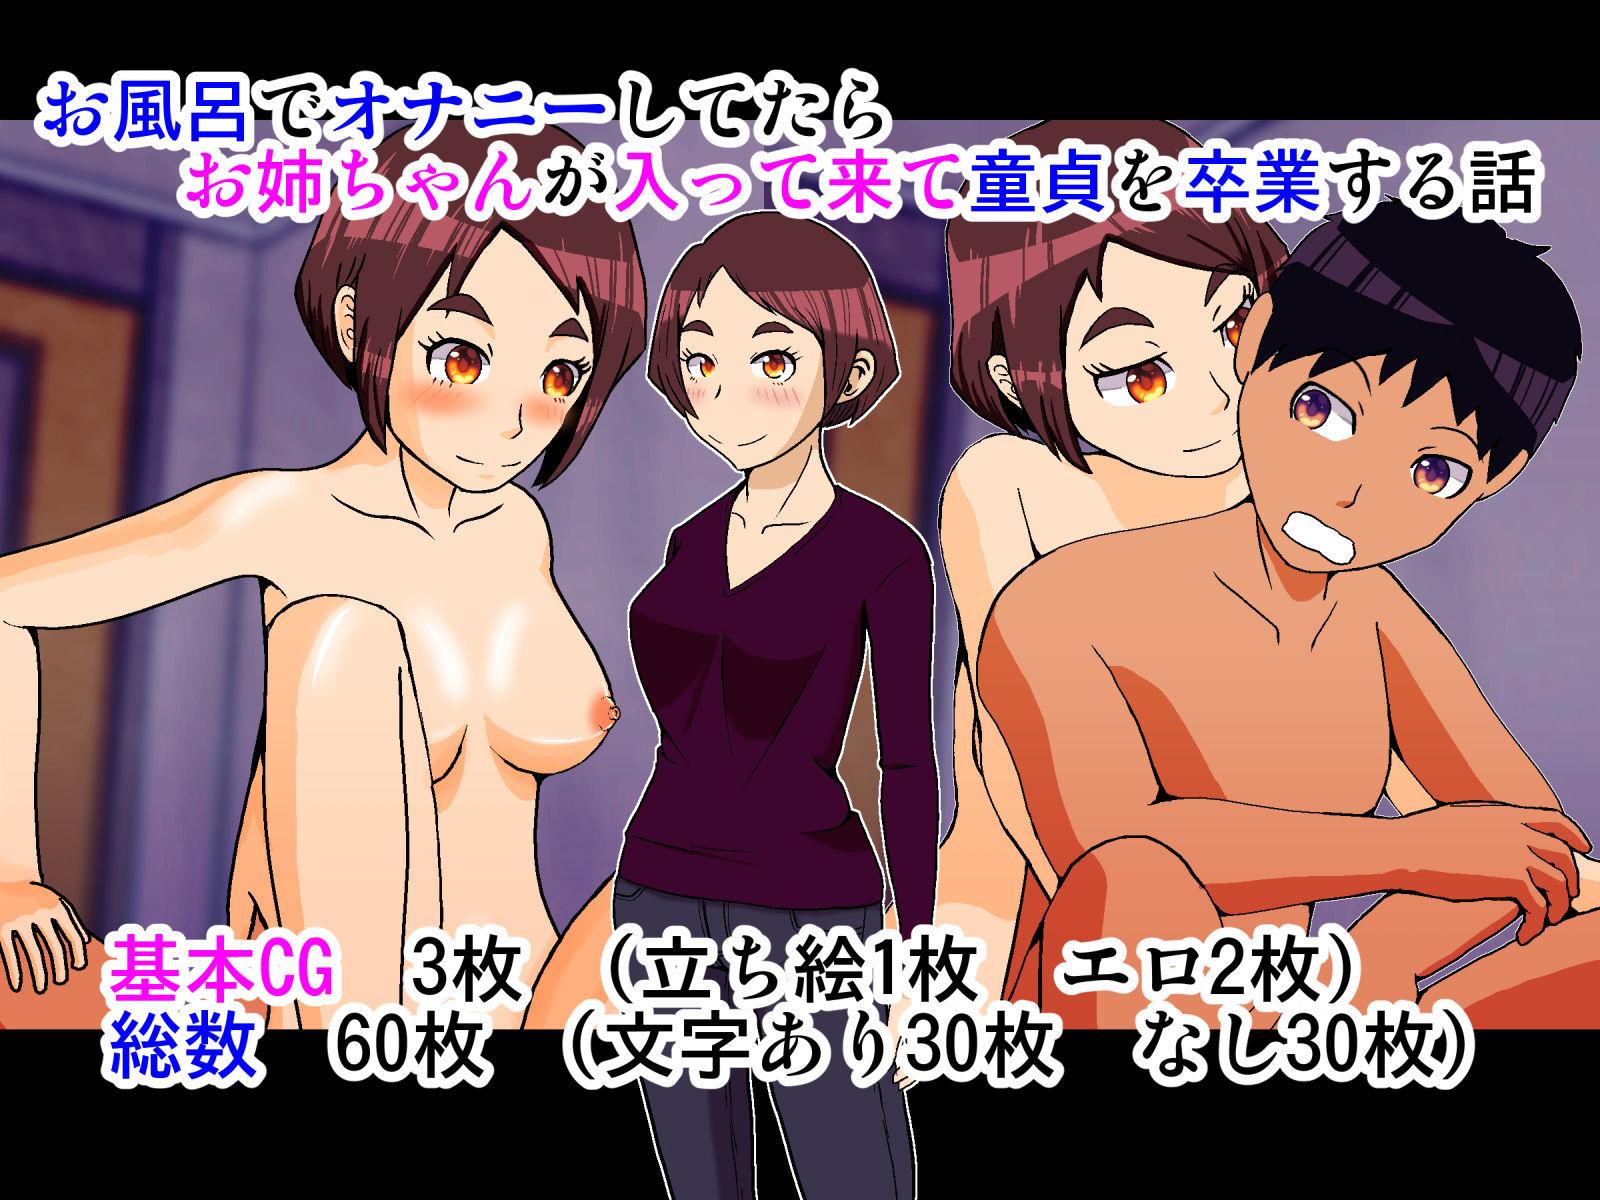 お風呂でオナニーしてたら お姉ちゃんが入って来て童貞を卒業する話 エロ画像